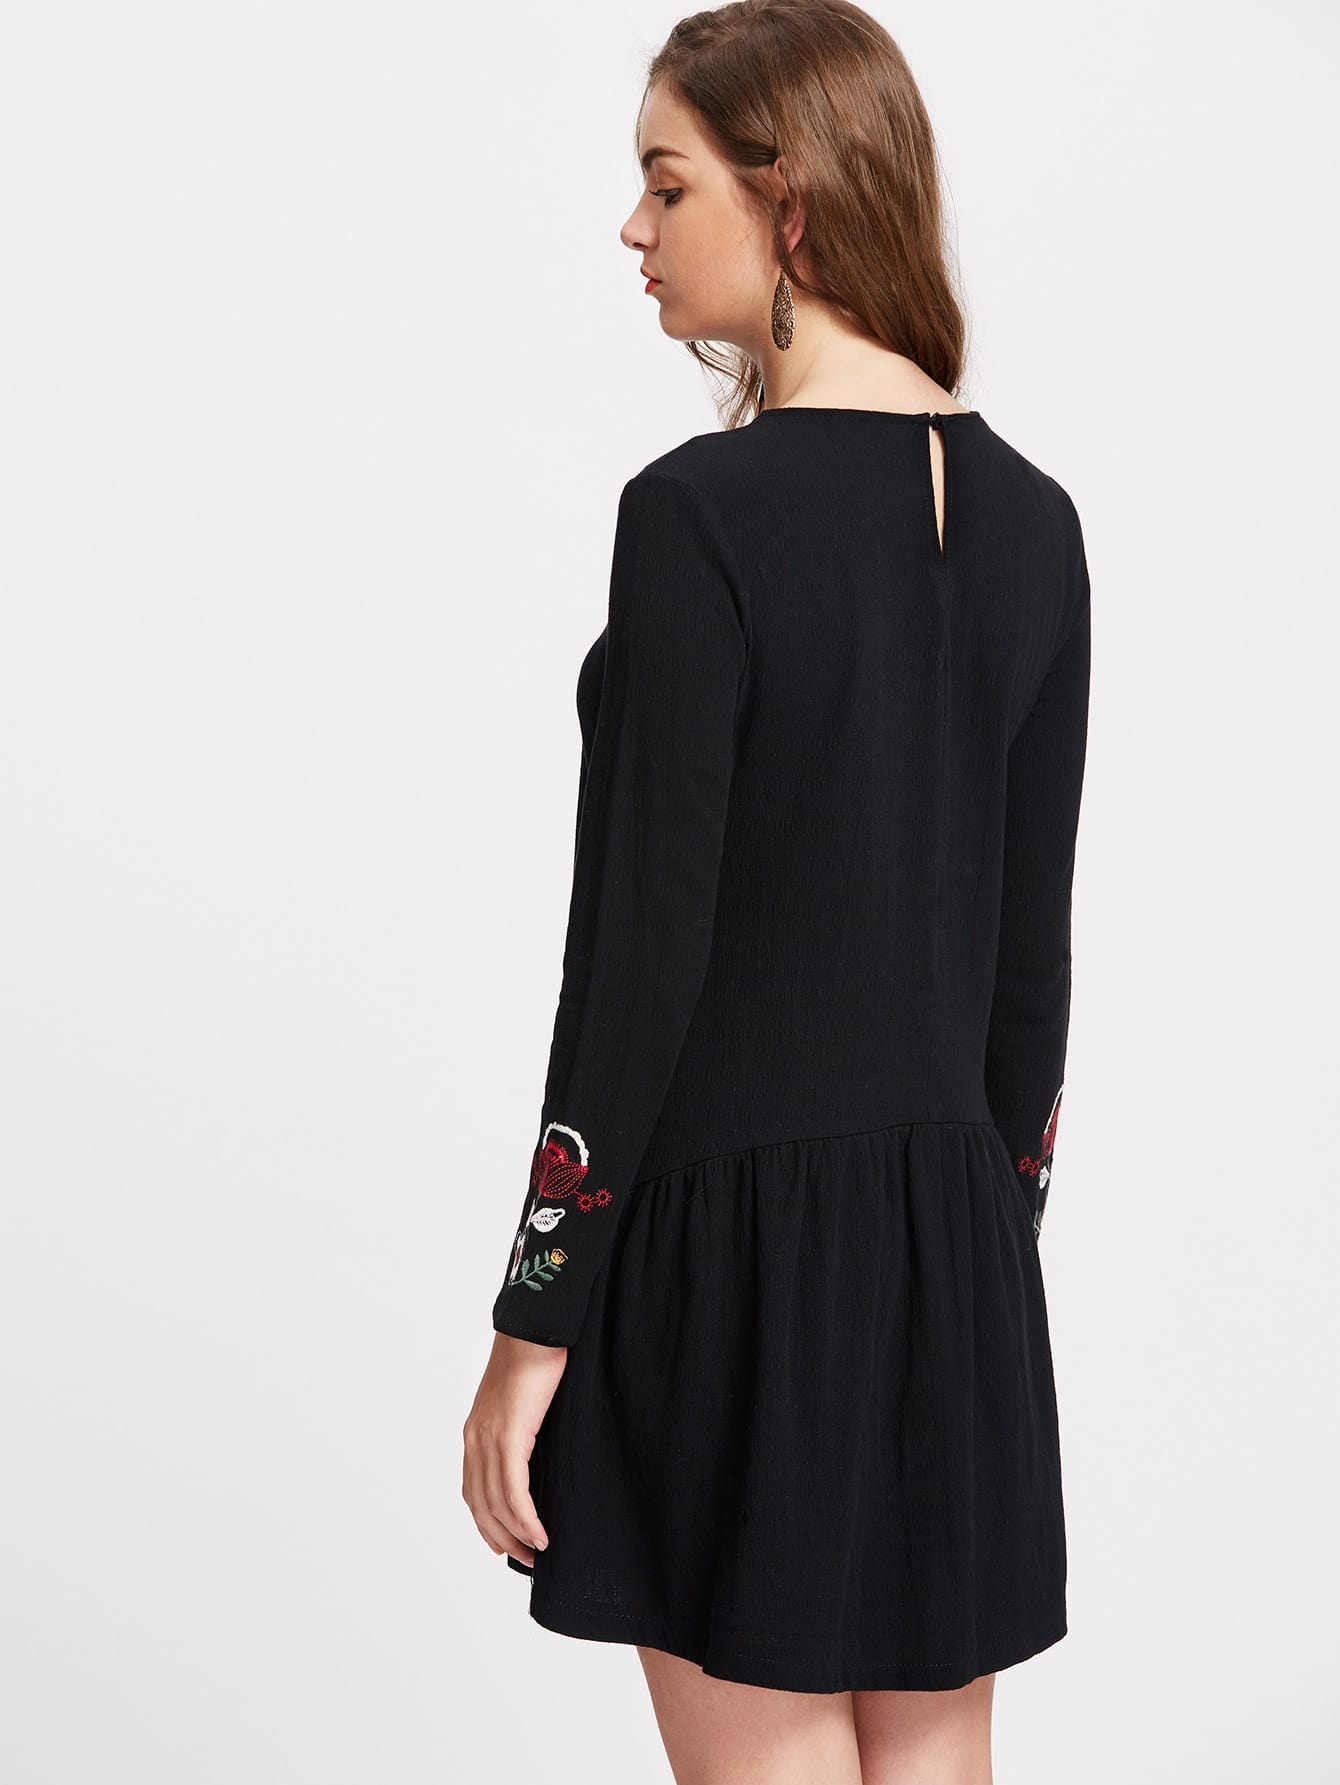 dress170320204_1